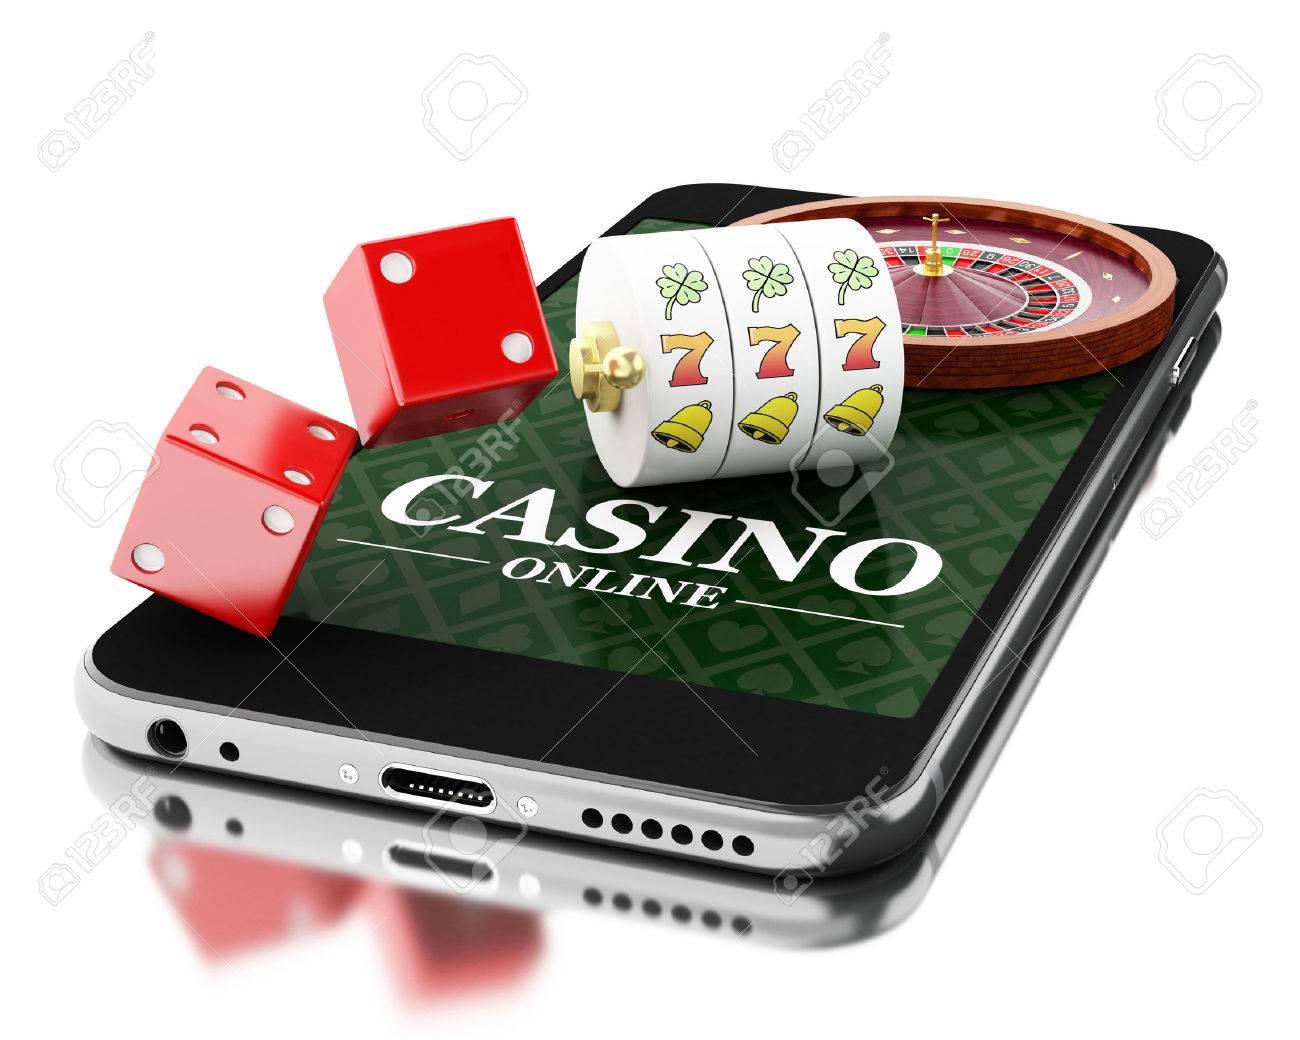 Online casino smartphone карты японский дурак играть